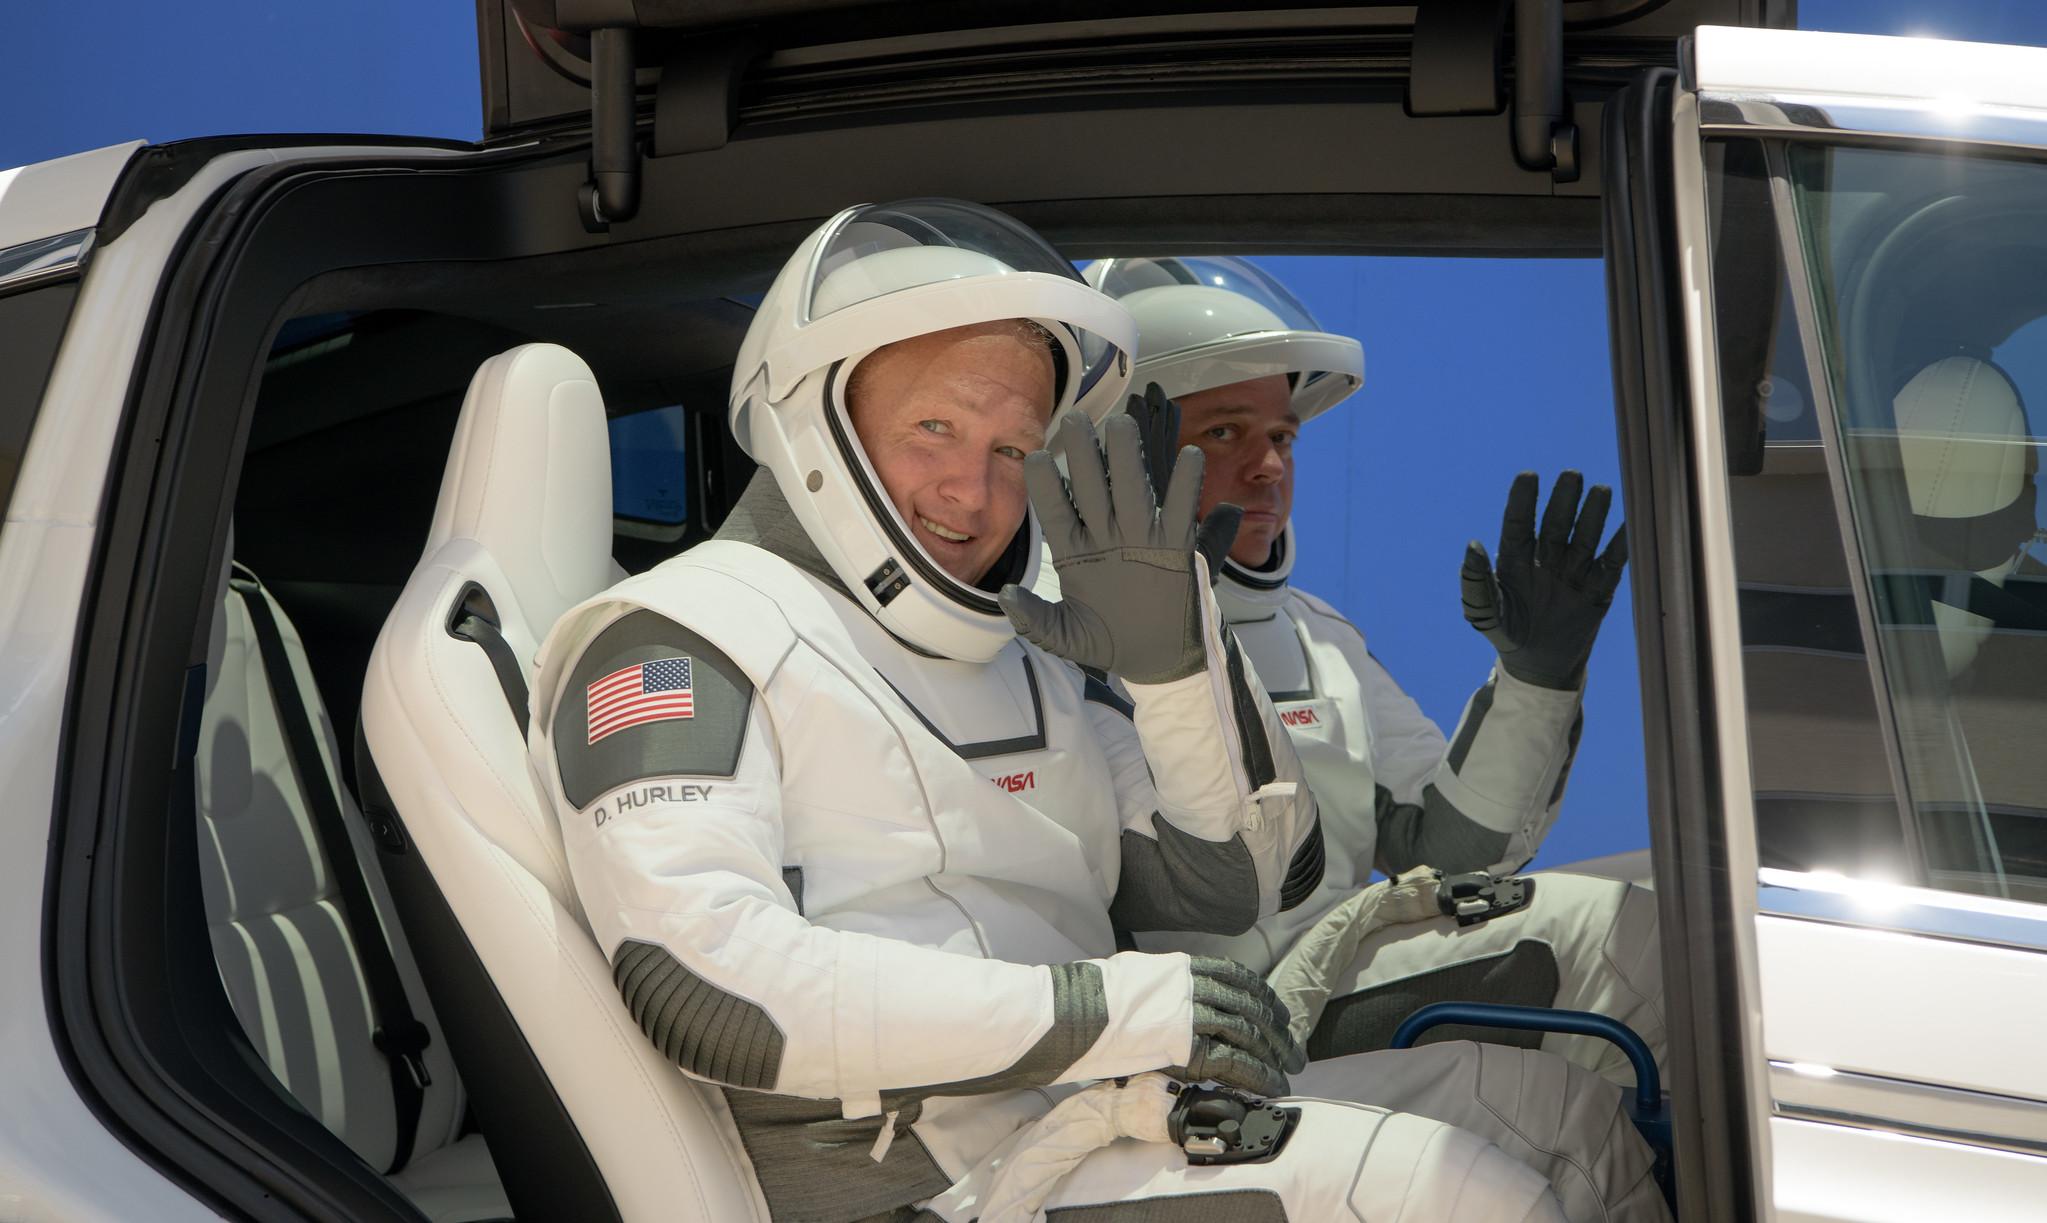 Astronauci Douglas Hurley i Robert Behnken w drodze na platformę LC-39A podczas symulacji dnia startu (Źródło: NASA/Bill Ingalls)